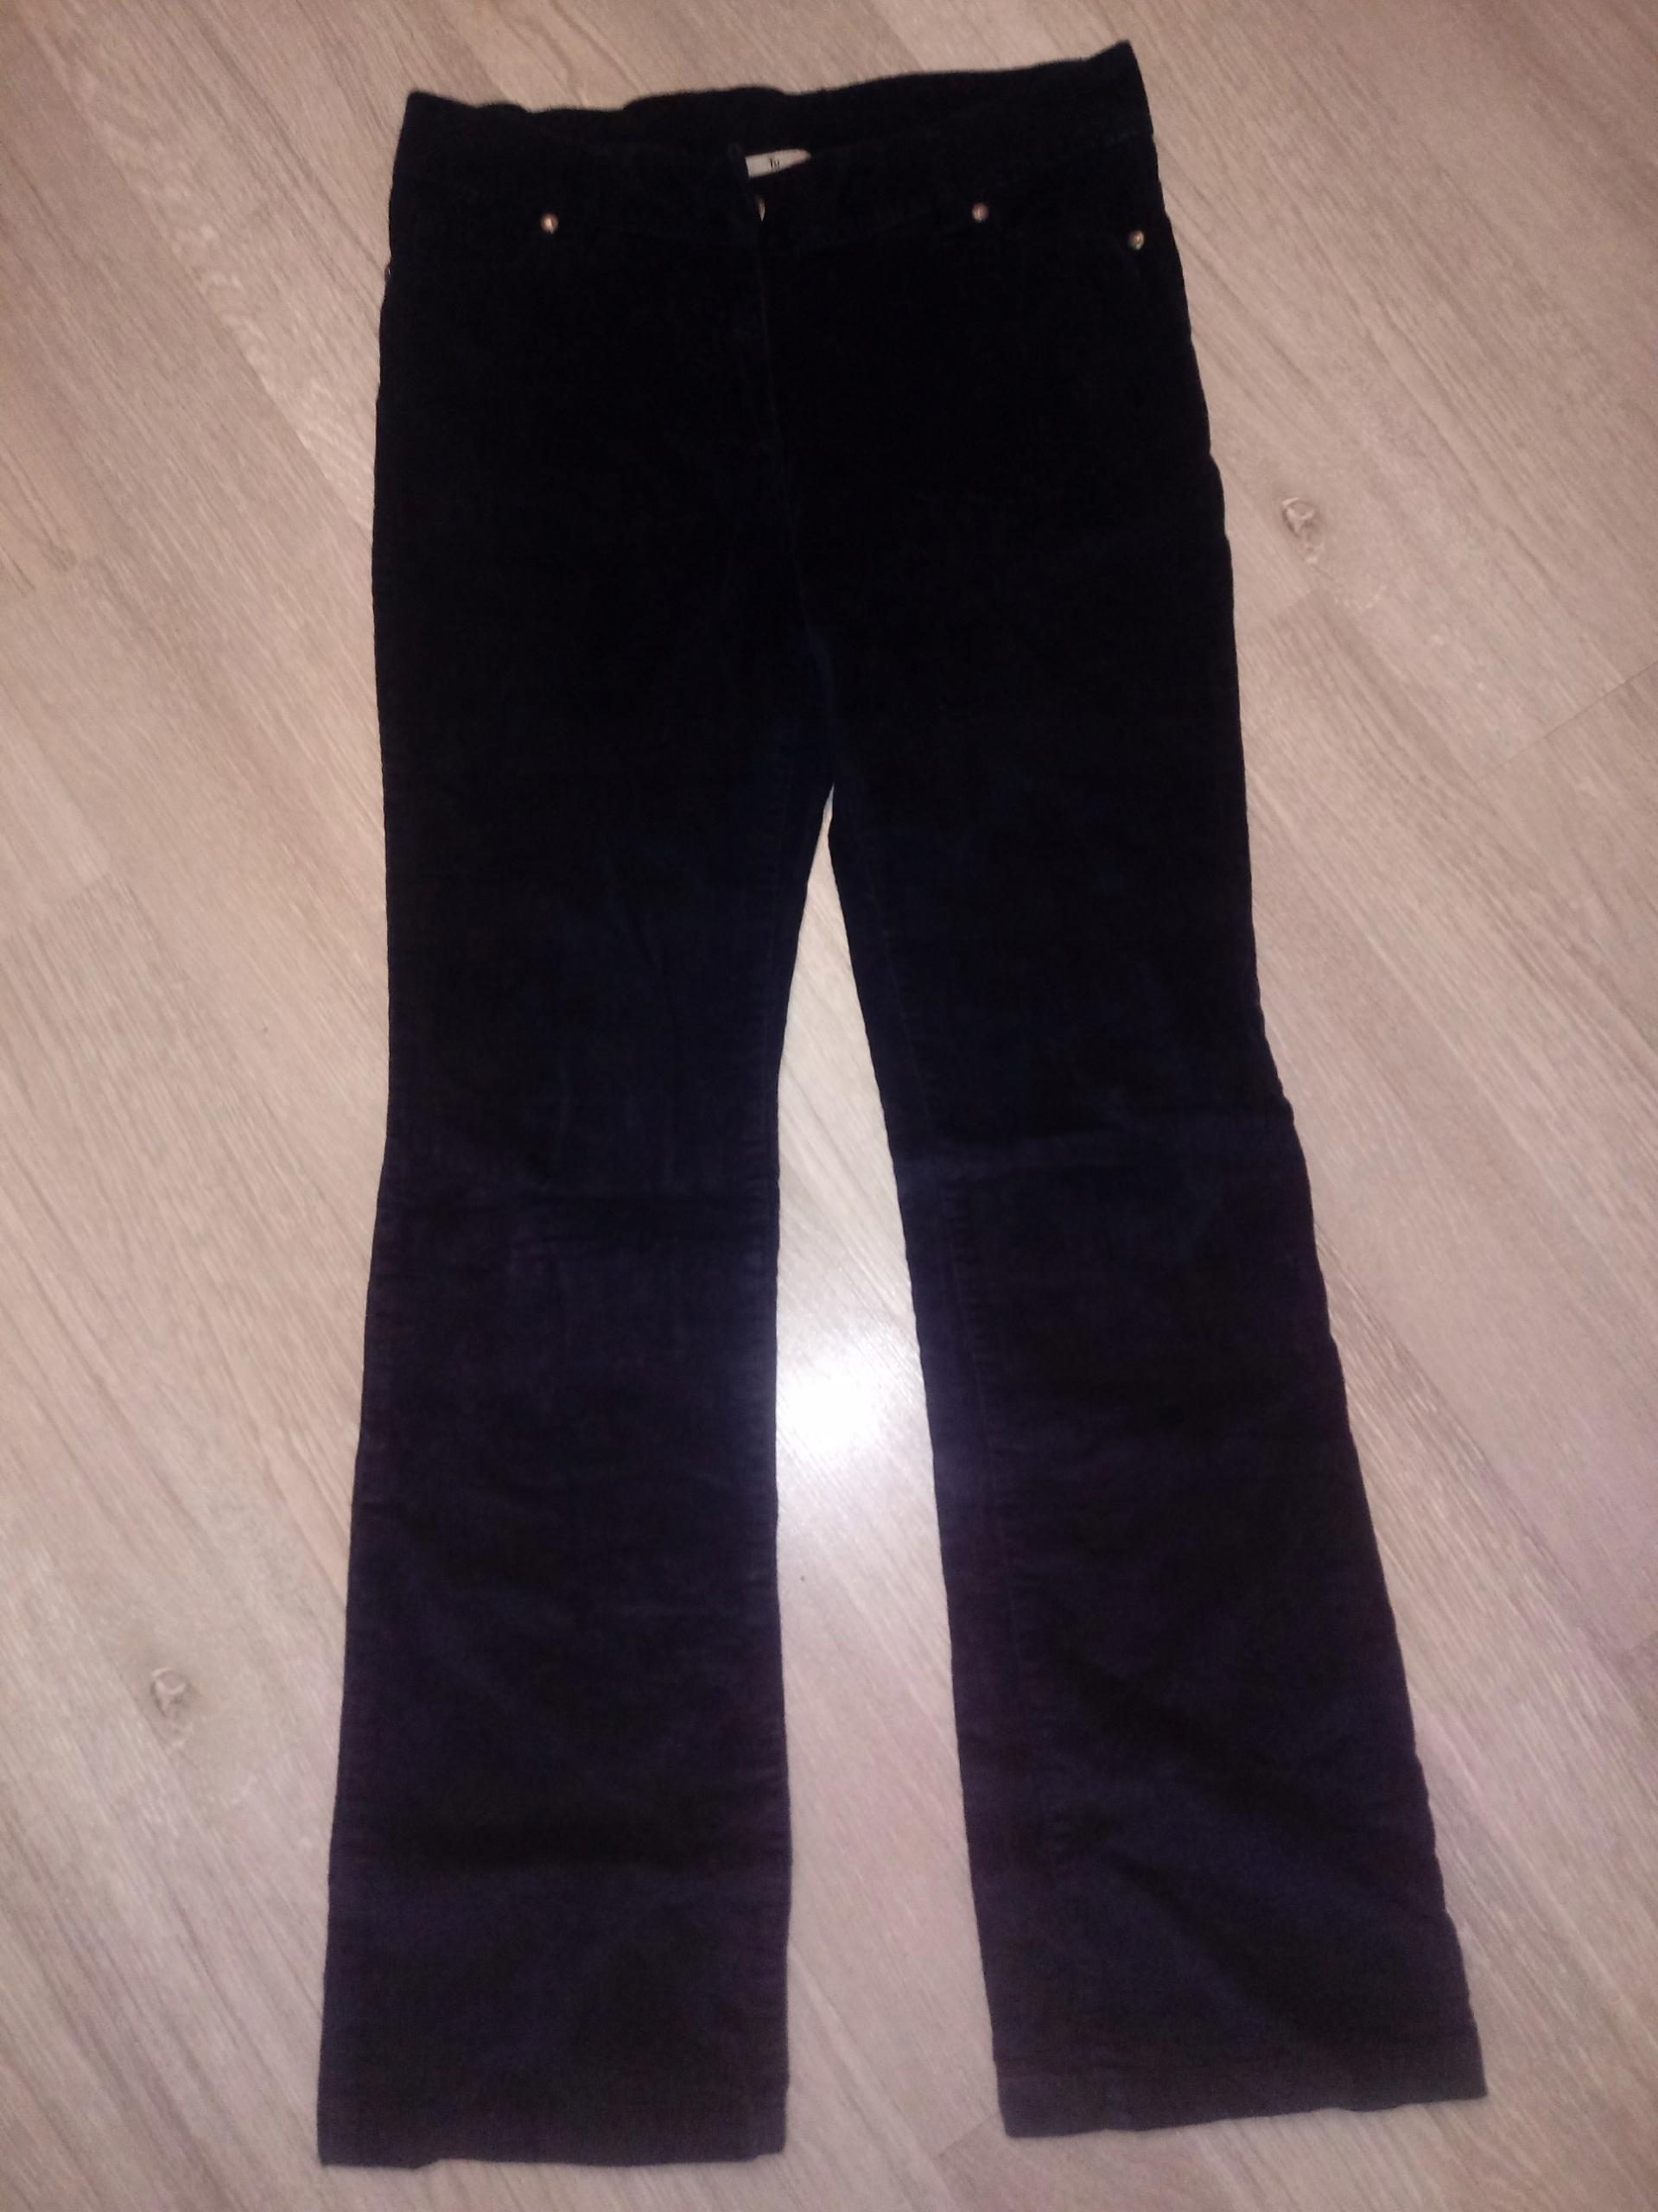 088539321774 Spodnie damskie sztruks rewelacyjne TU r.M OKAZJA - 7700931786 ...